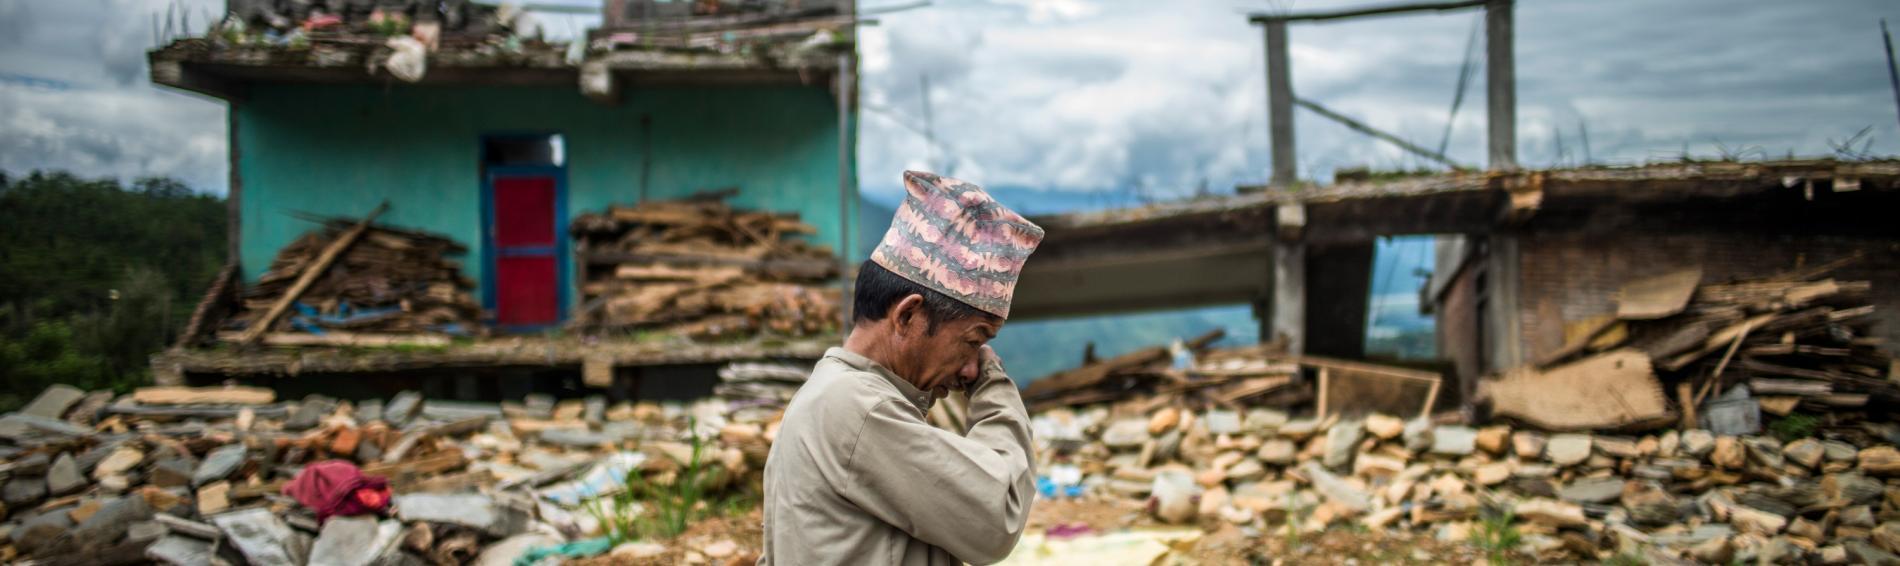 Opfer von Krisen und Konflikten. Foto: Olivier Papegnies